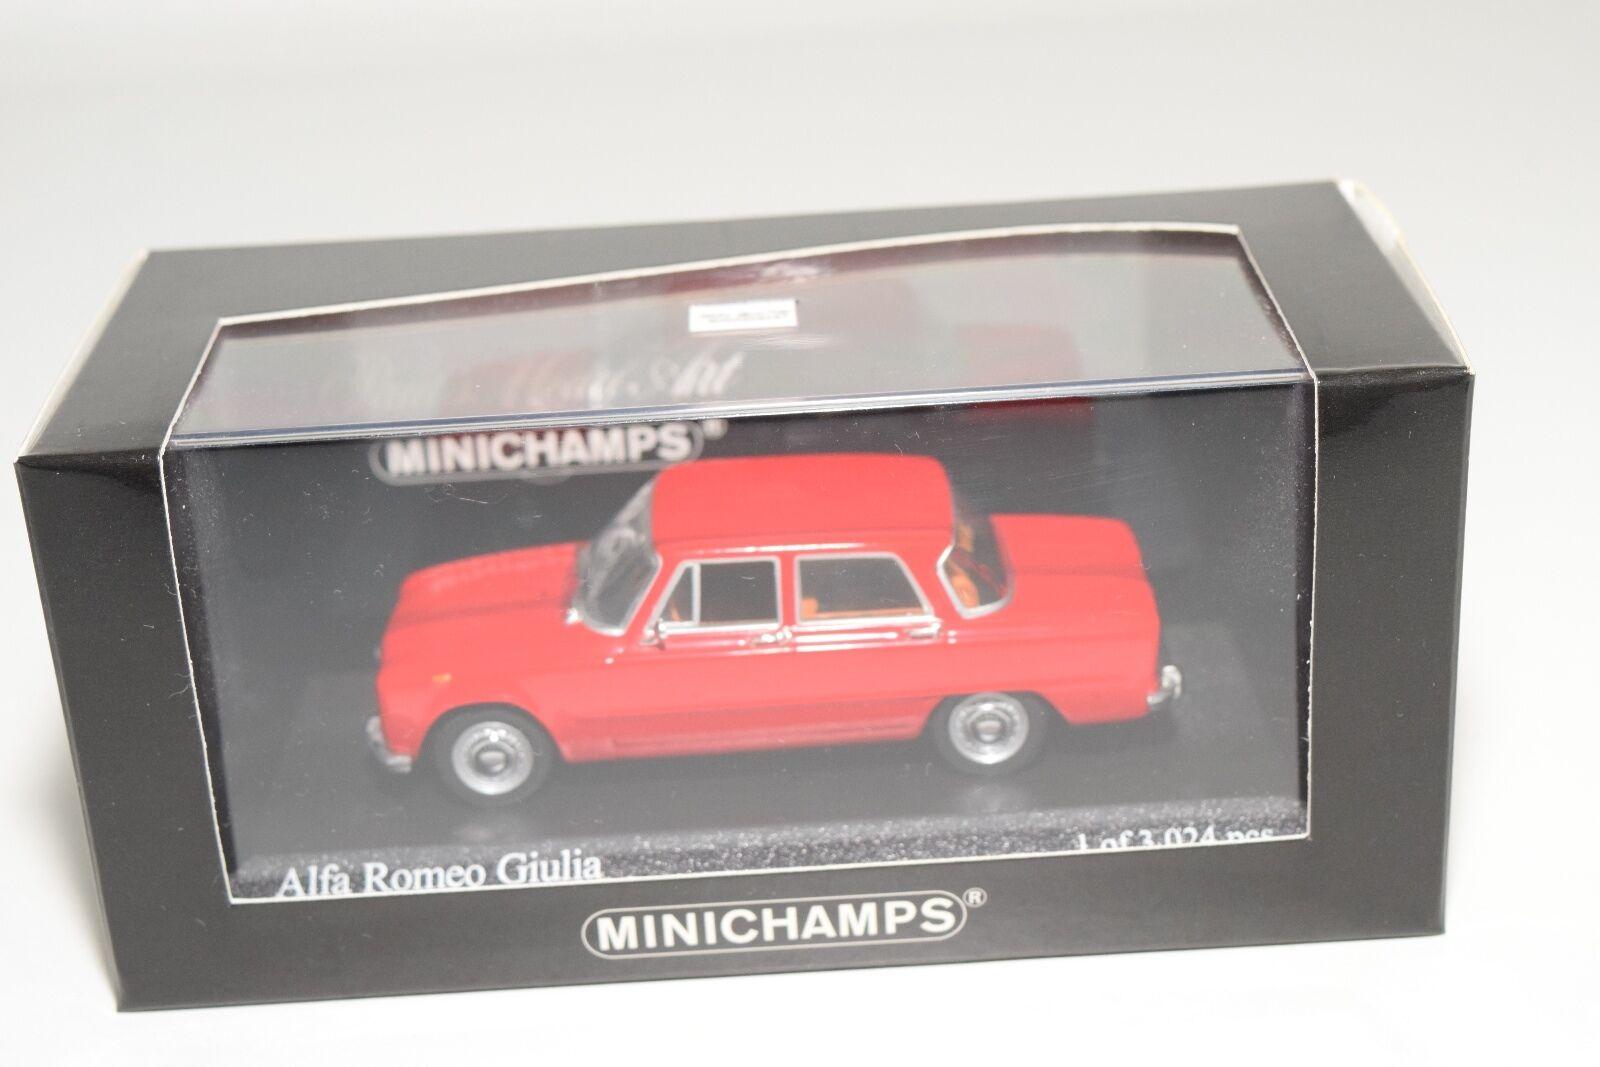 . MINICHAMPS ALFA ROMEO GIULIA 1970 rosso MINT BOXED